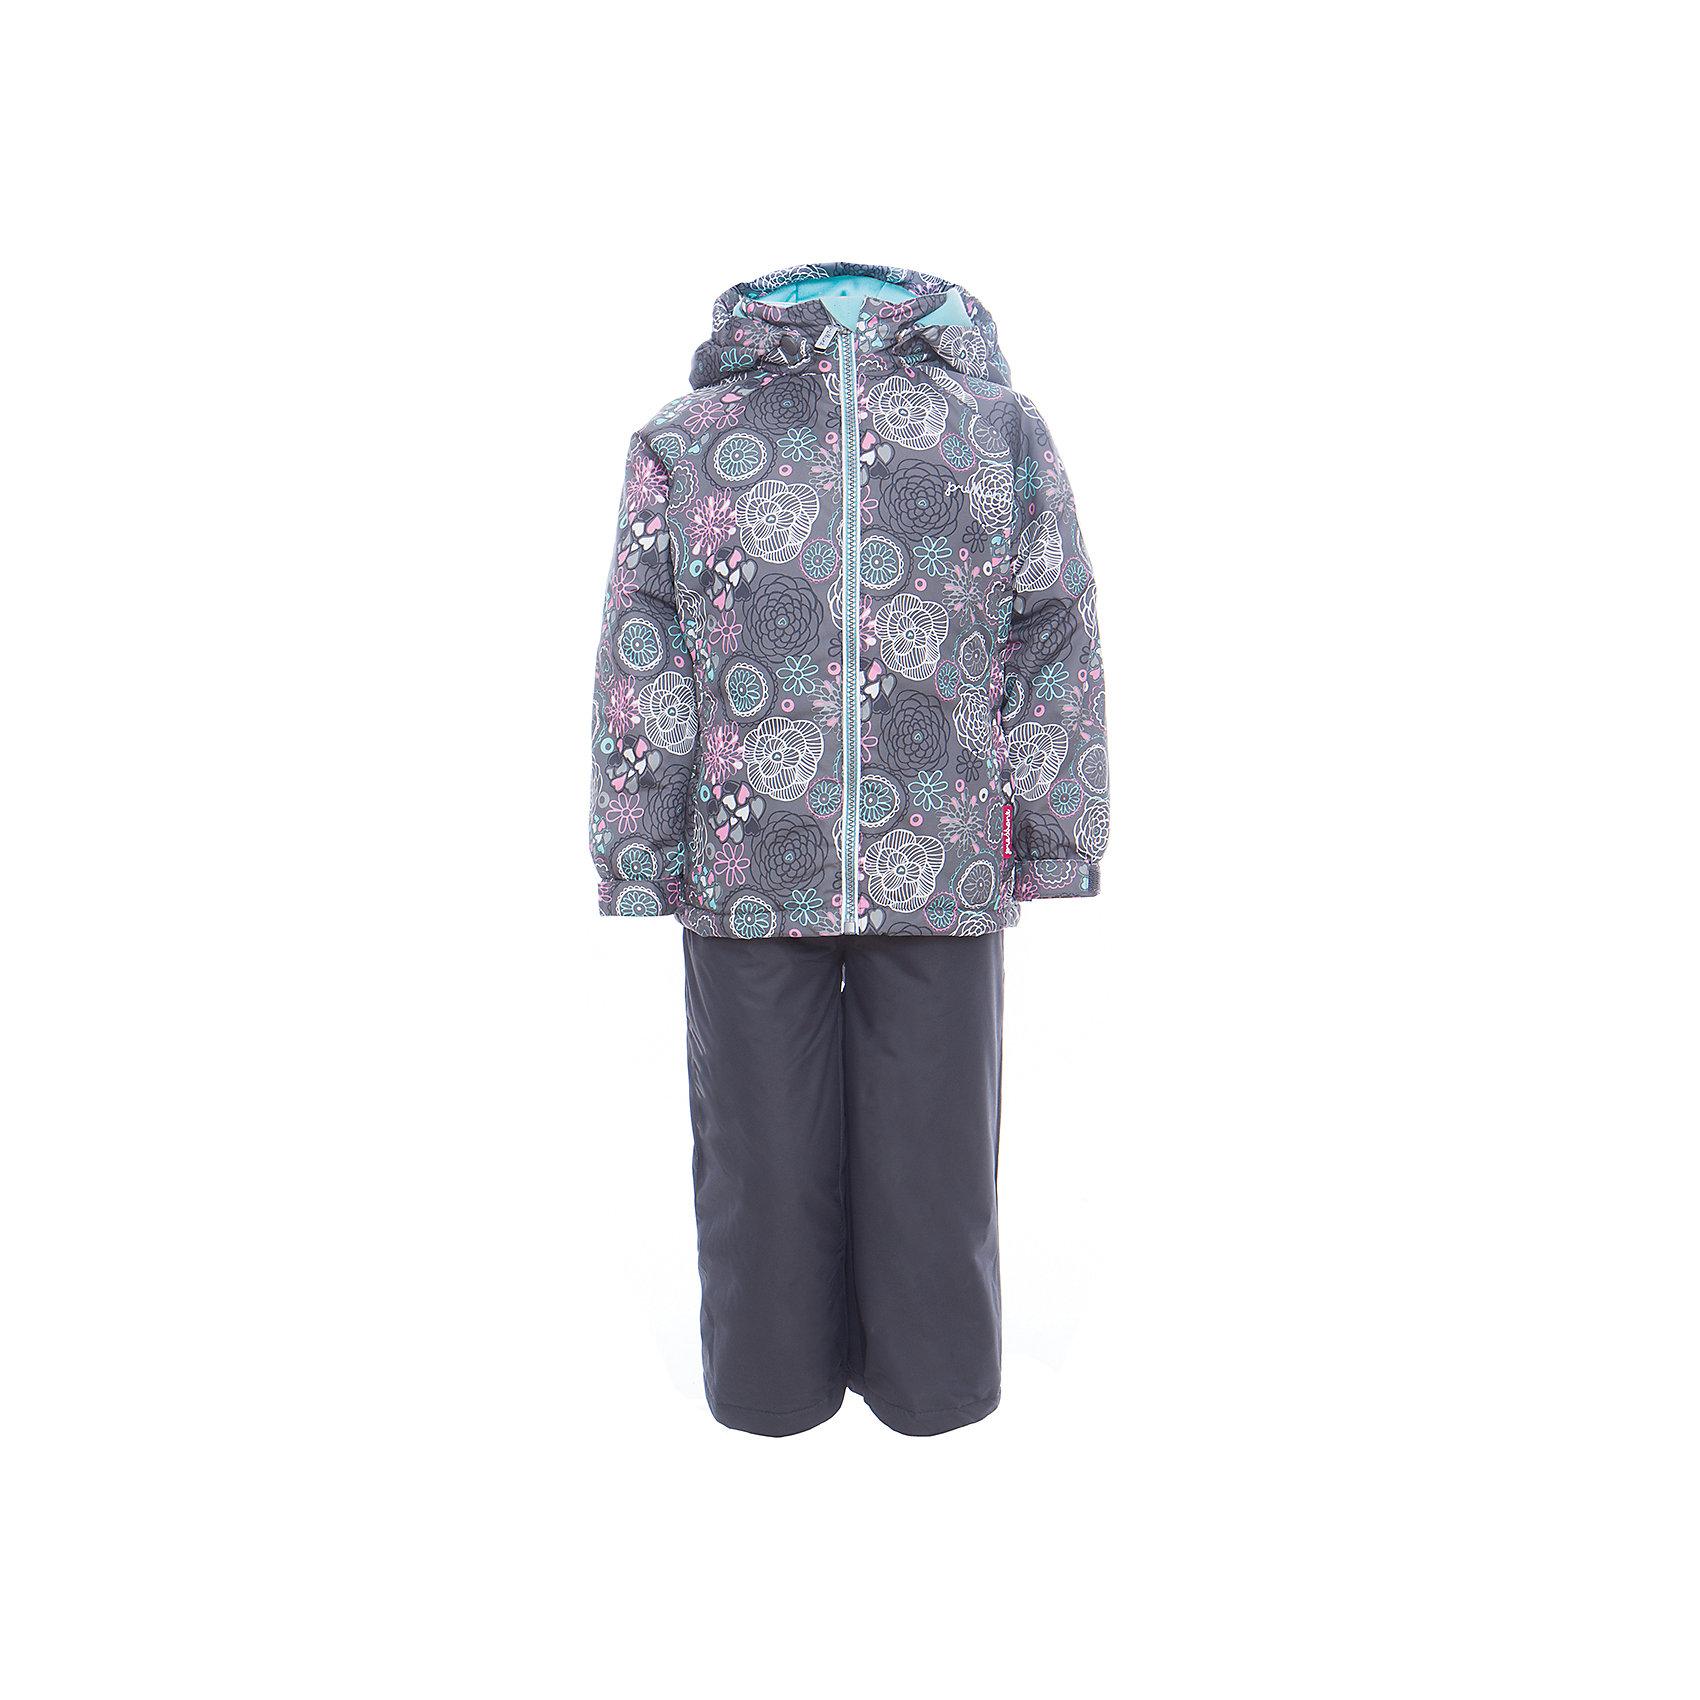 Комплект: куртка и полукомбинезон для девочки PremontВерхняя одежда<br>Характеристики товара:<br><br>• цвет: серый<br>• состав: 100% полиэстер, мембрана 3000 мм/ 3000 г/м ?/24h<br>• подкладка: тафетта, трикотаж с ворсом на воротнике и в капюшоне<br>• утеплитель: Tech-Polyfill, в куртке 120 г/м2,  в брюках 80 г/м2<br>• комплектация: куртка и полукомбинезон<br>• температурный режим: от -5° С до +10° С<br>• водонепроницаемый материал<br>• съемный капюшон<br>• силиконовые съемные штрипки<br>• брюки с утяжкой на талии<br>• светоотражающие элементы<br>• молния<br>• страна бренда: Канада<br><br>Этот демисезонный комплект из куртки и полукомбинезона поможет обеспечить ребенку комфорт и тепло. Материал отлично подходит для дождливой погоды. Для производства продукции используются только безопасные, проверенные материалы и качественная фурнитура. Порадуйте ребенка модными и красивыми вещами от Premont! <br><br>Комплект: куртка и полукомбинезон для девочки от известного бренда Premont можно купить в нашем интернет-магазине.<br><br>Ширина мм: 356<br>Глубина мм: 10<br>Высота мм: 245<br>Вес г: 519<br>Цвет: серый<br>Возраст от месяцев: 18<br>Возраст до месяцев: 24<br>Пол: Женский<br>Возраст: Детский<br>Размер: 92,128,134,140,146,110,98,116,122,104,152<br>SKU: 5352967